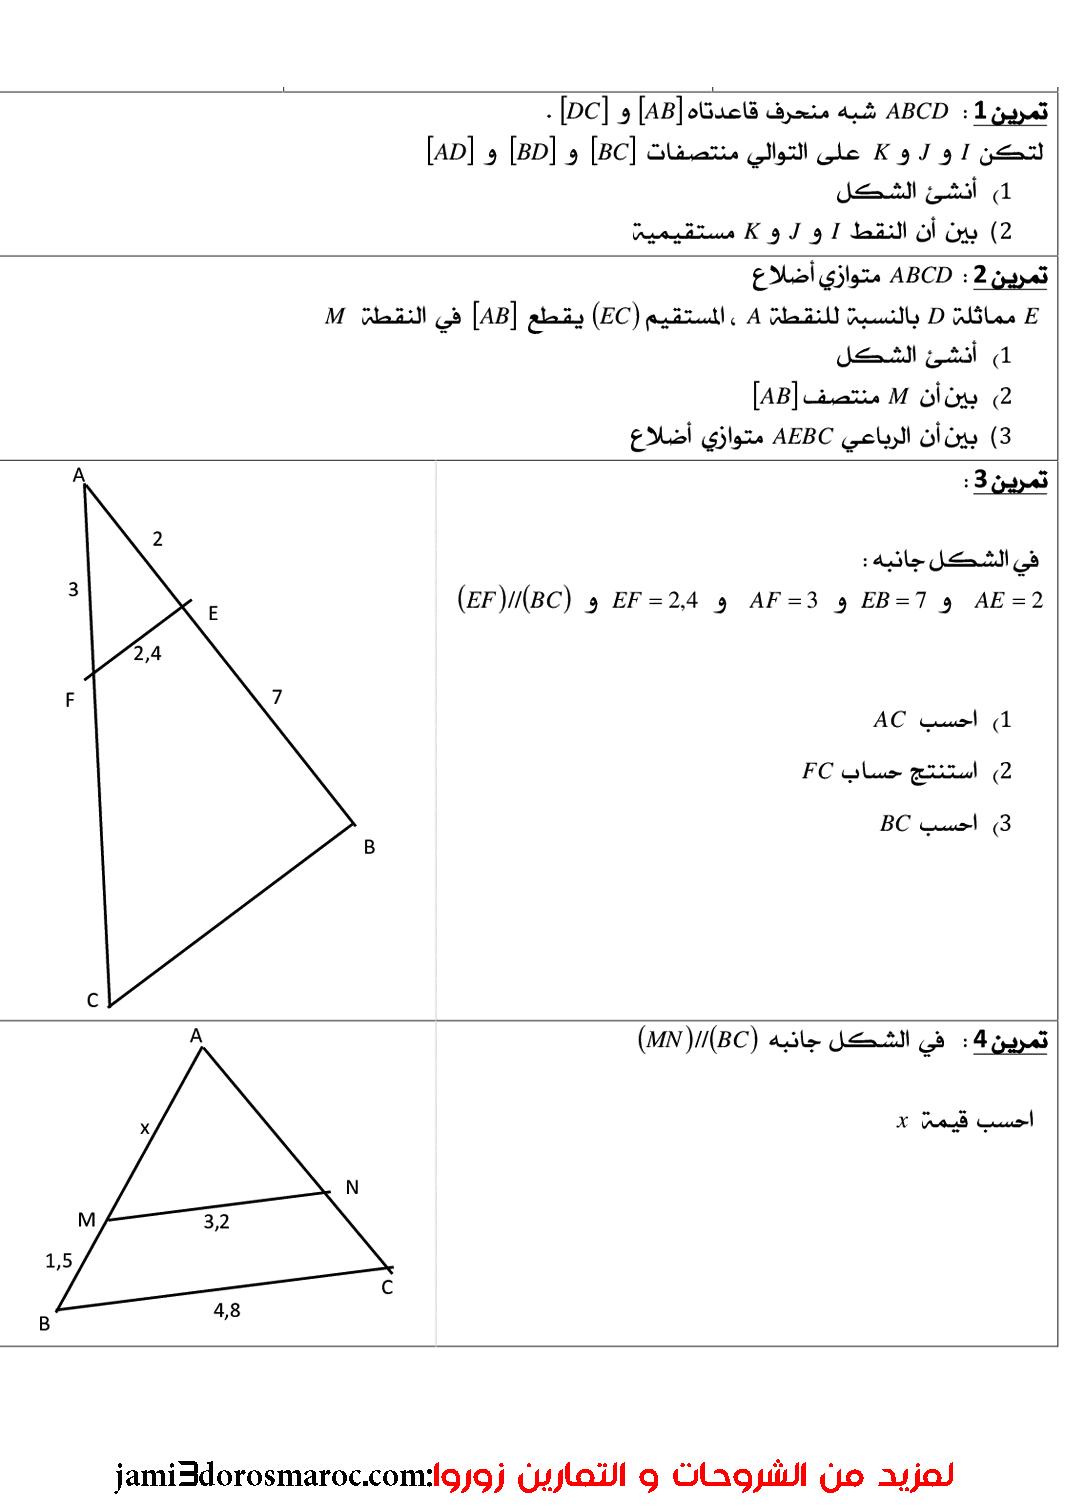 سلسلة تمارين في درس التوازي ومنتصفات أضلاع مثلث الثانية إعدادي